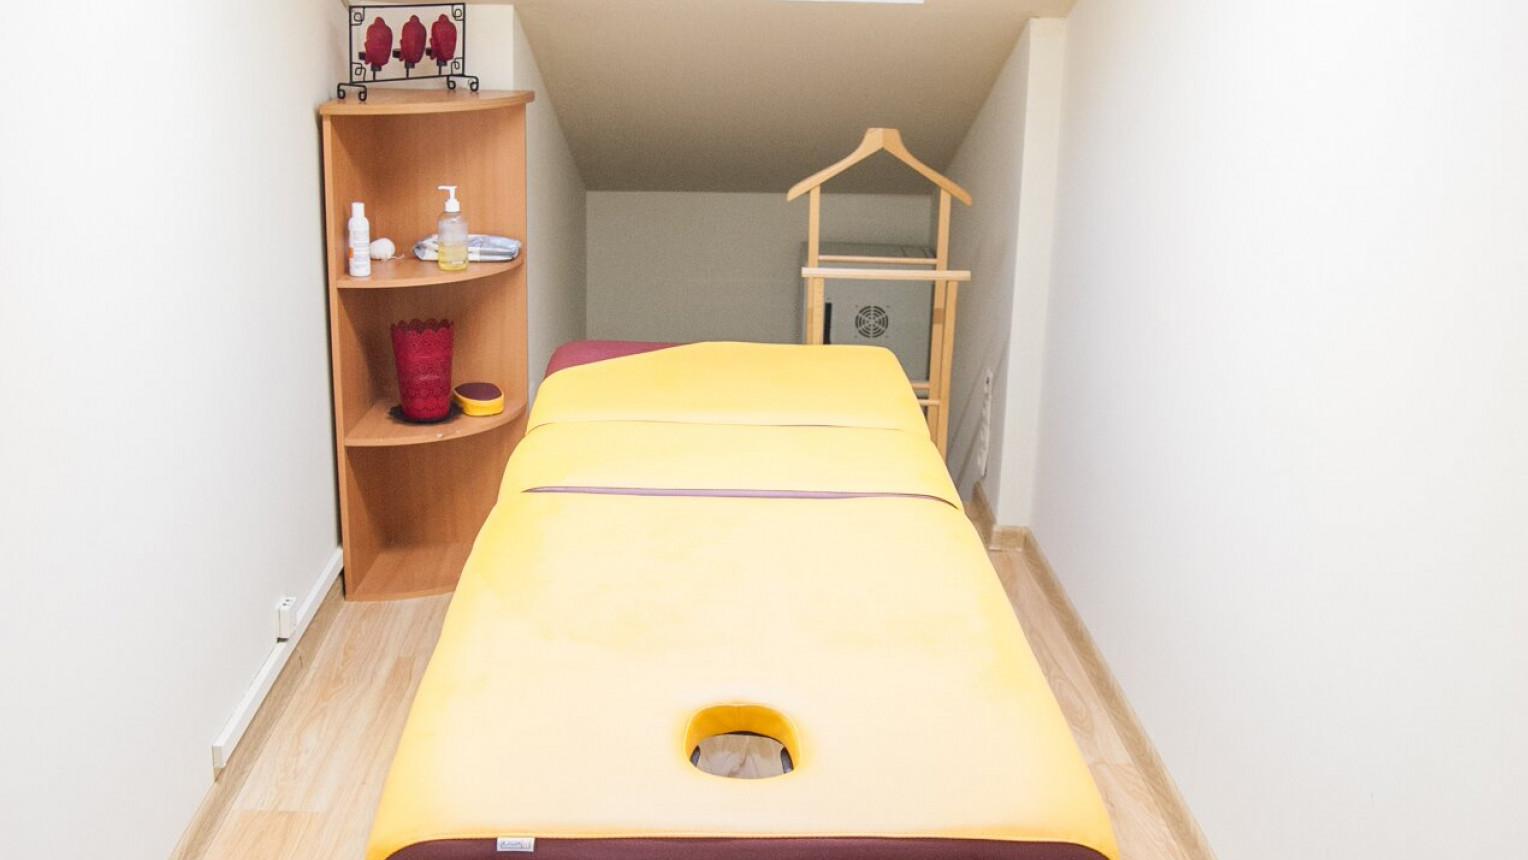 Кабинет для массажа и индивидуальных консультаций - фото №1